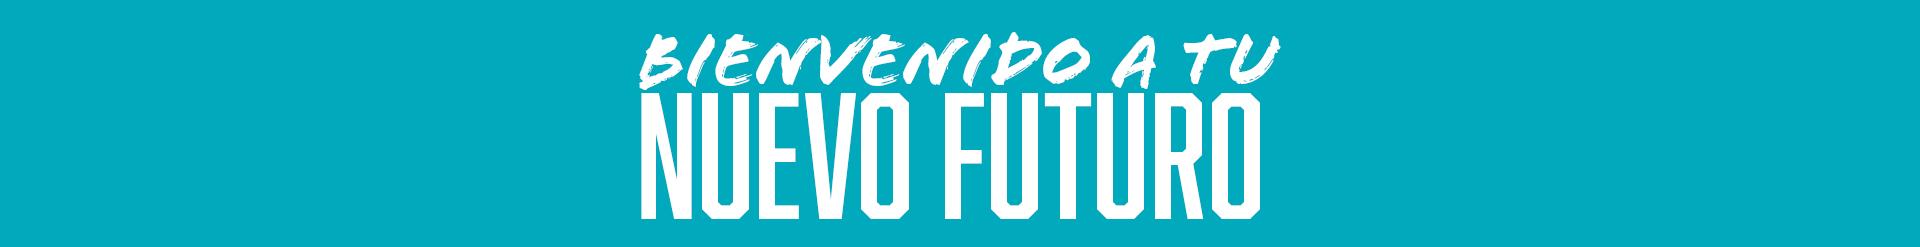 BIENVENIDO-A-TU-NUEVO-FUTURO